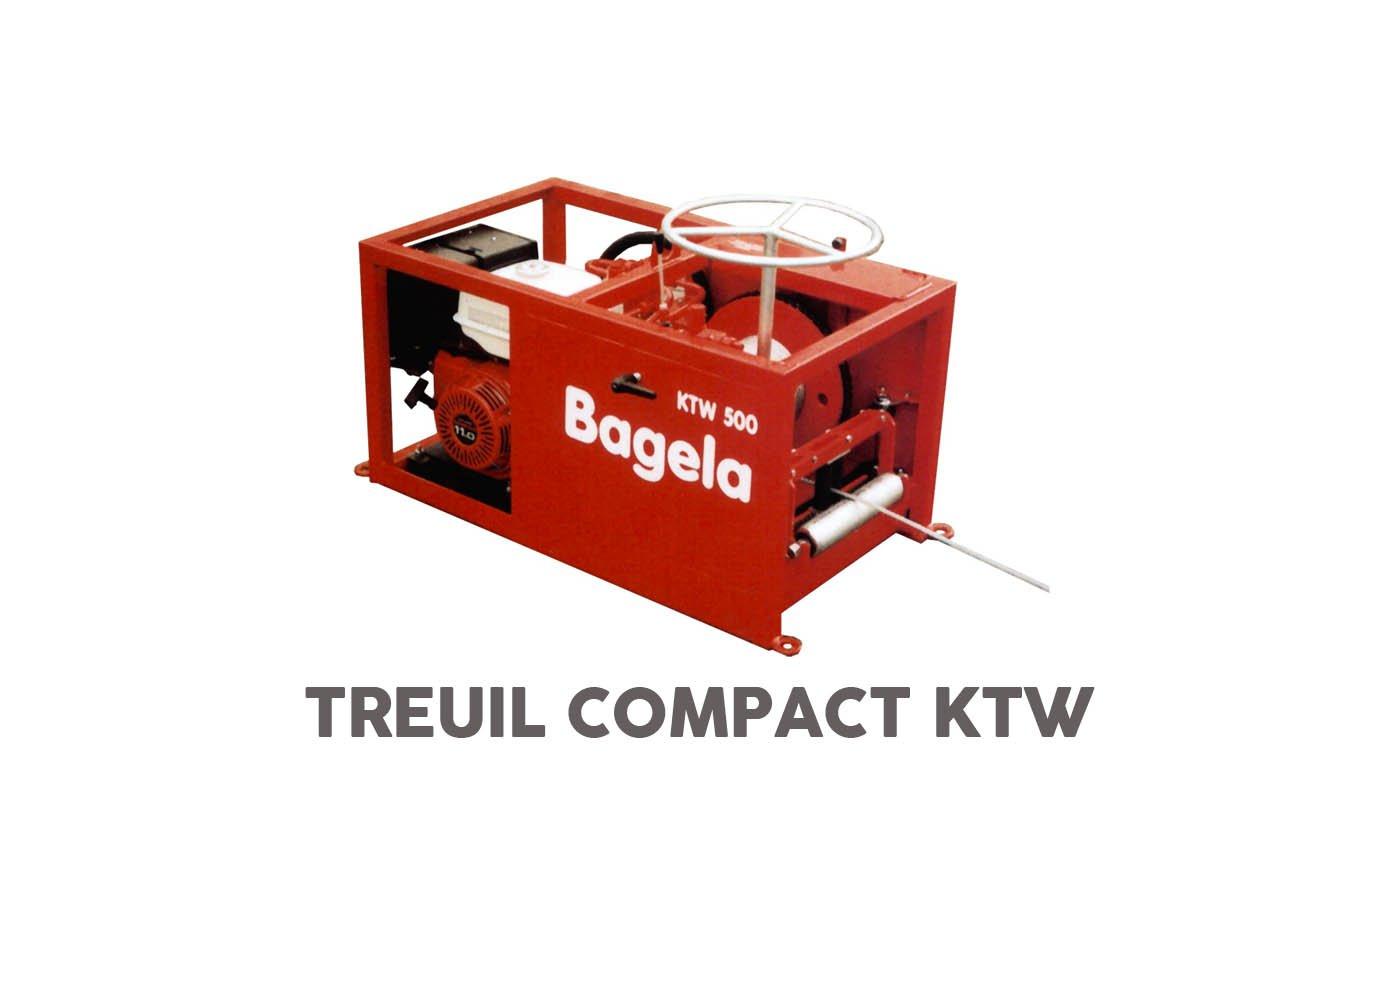 Treuil compact bagela ktw - RDS France, spécialiste du matériel TP